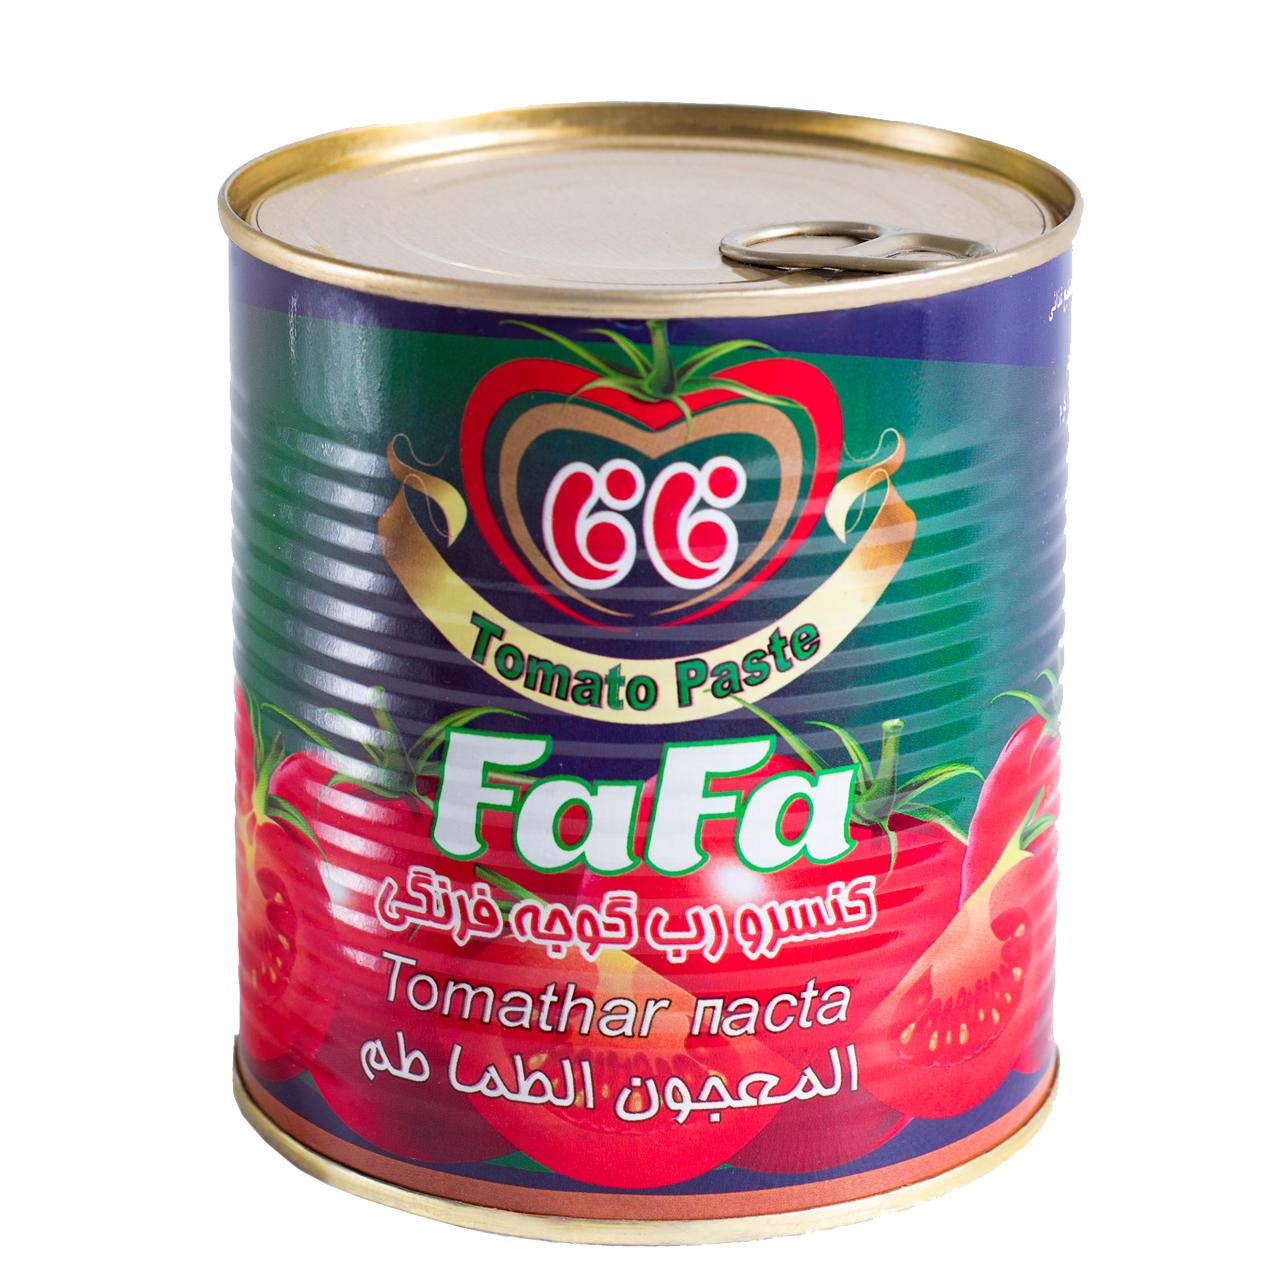 کنسرو رب گوجه فرنگی فافا مقدار 800گرم